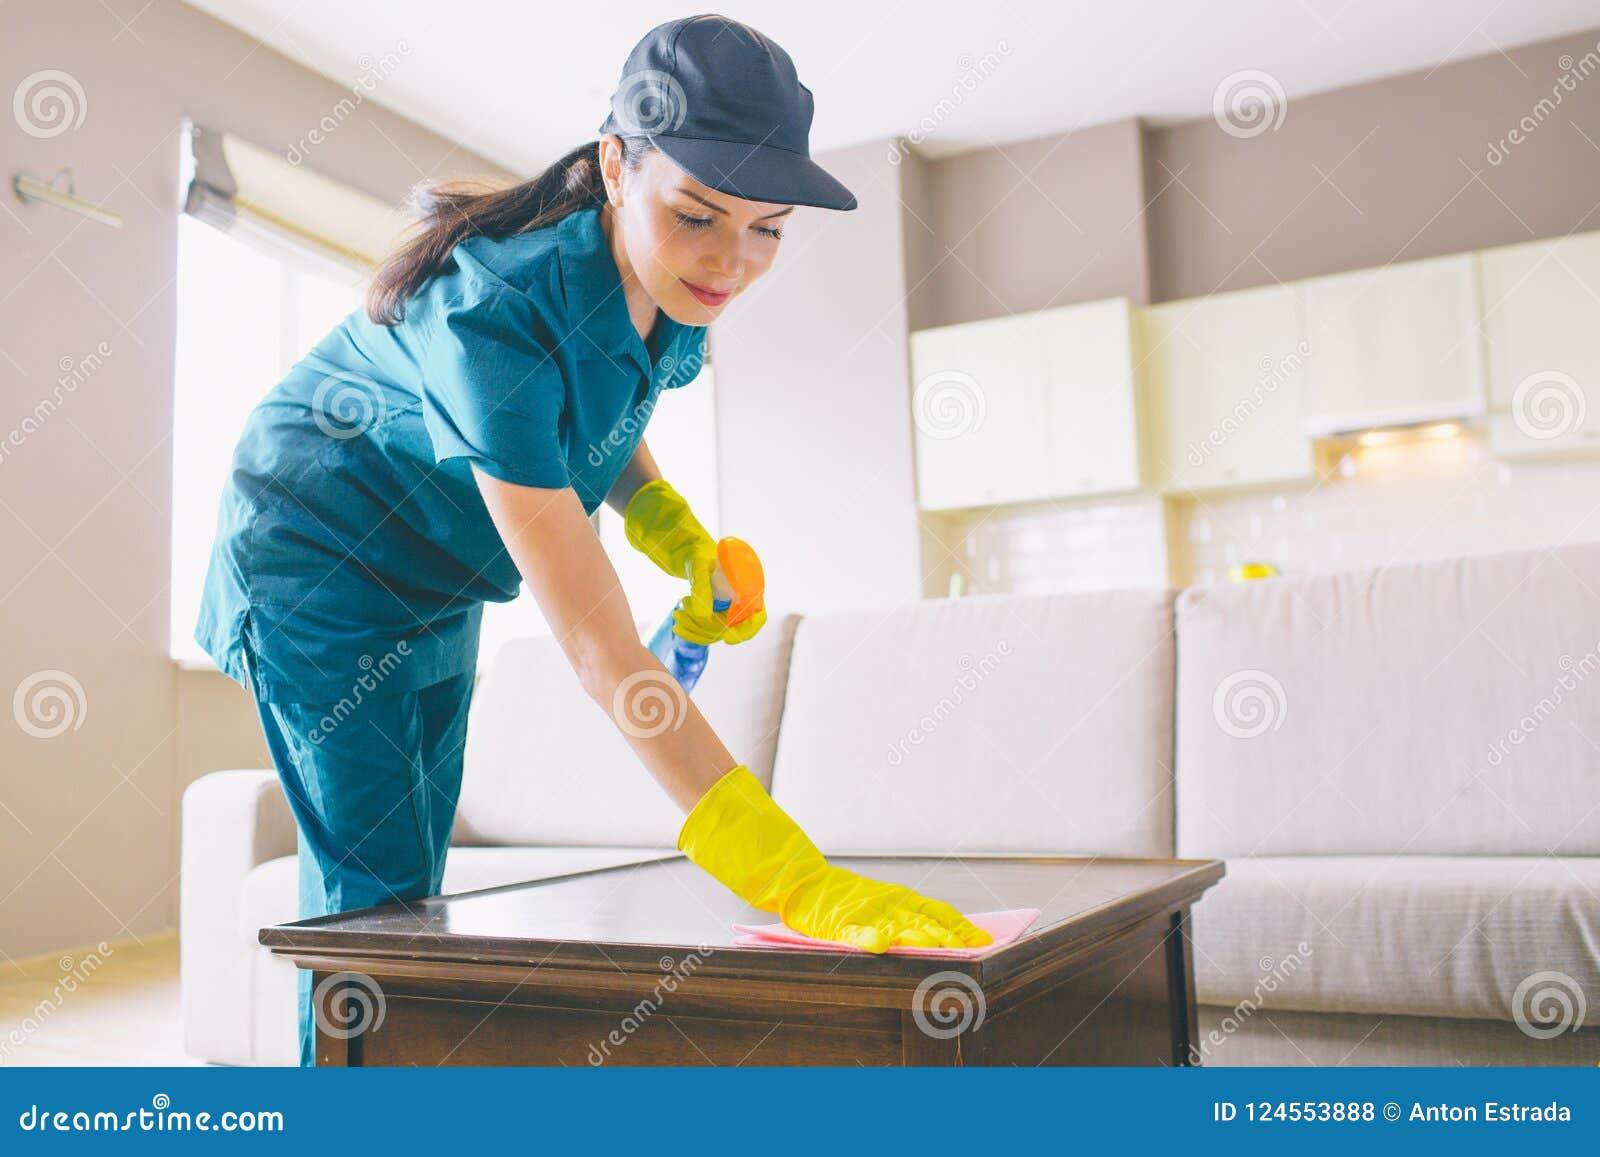 专业桌擦净剂wahsing的表面  她使用旧布和浪花 女孩做它仔细